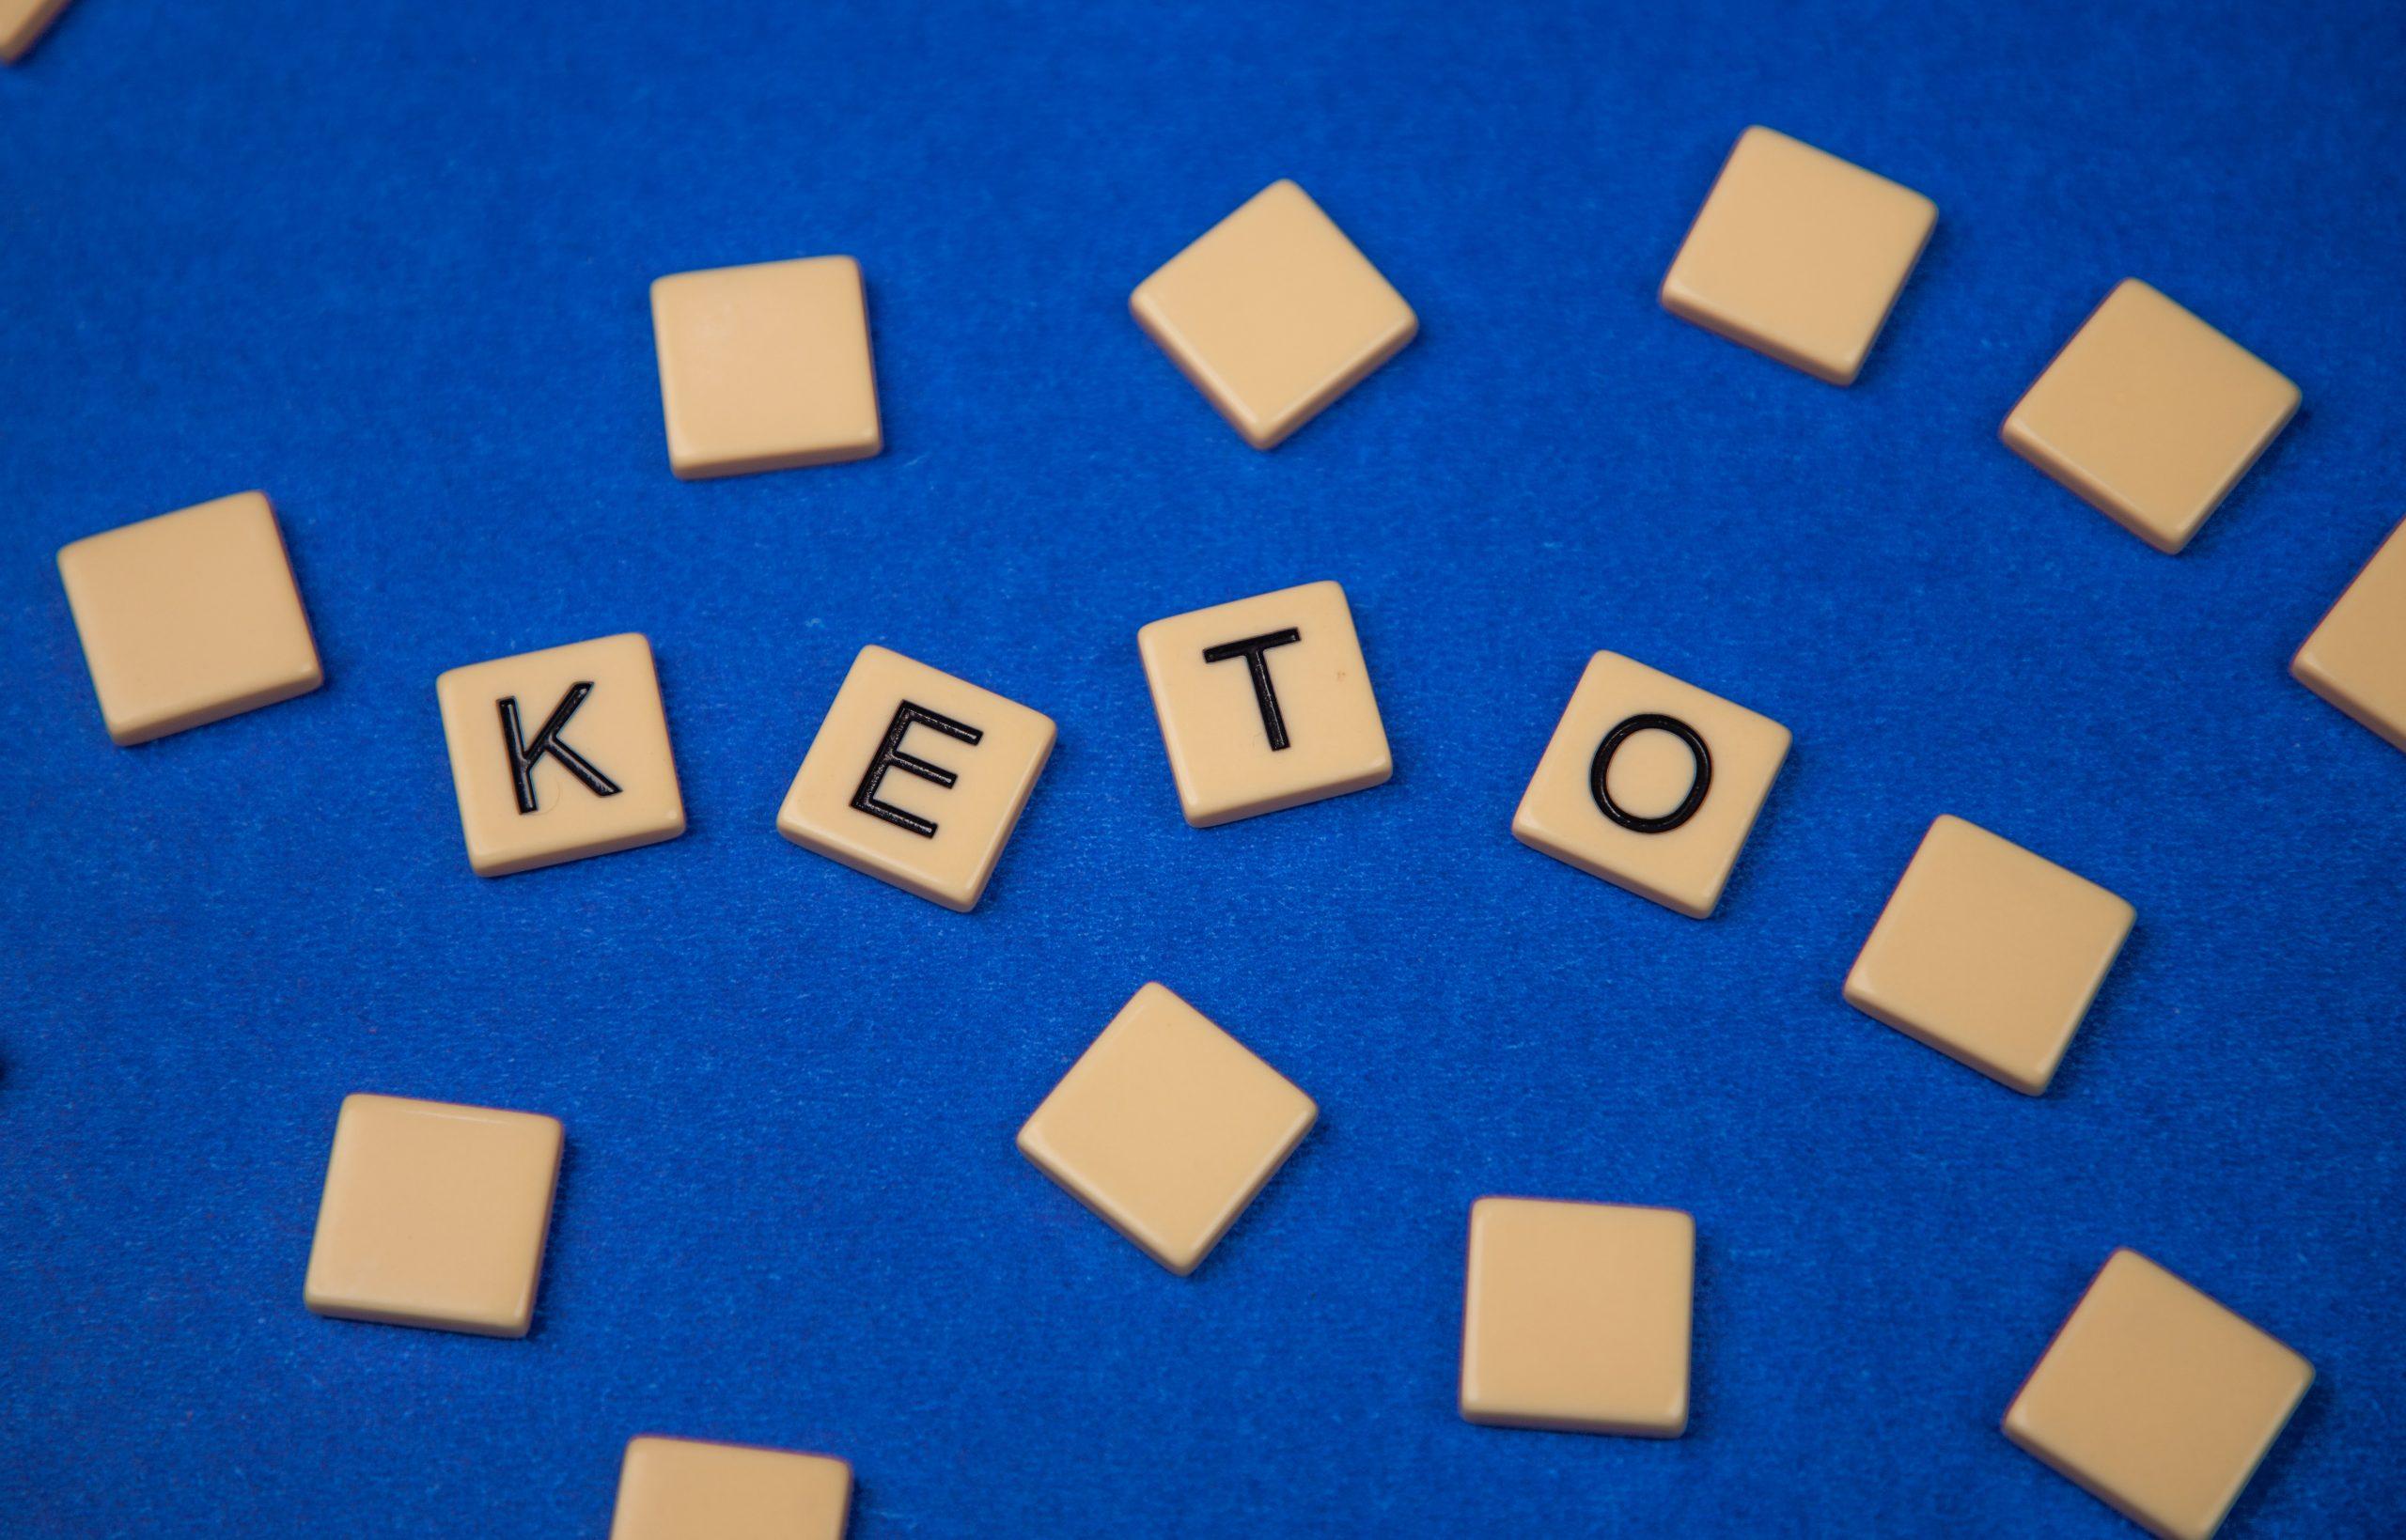 Keto written with scrabble